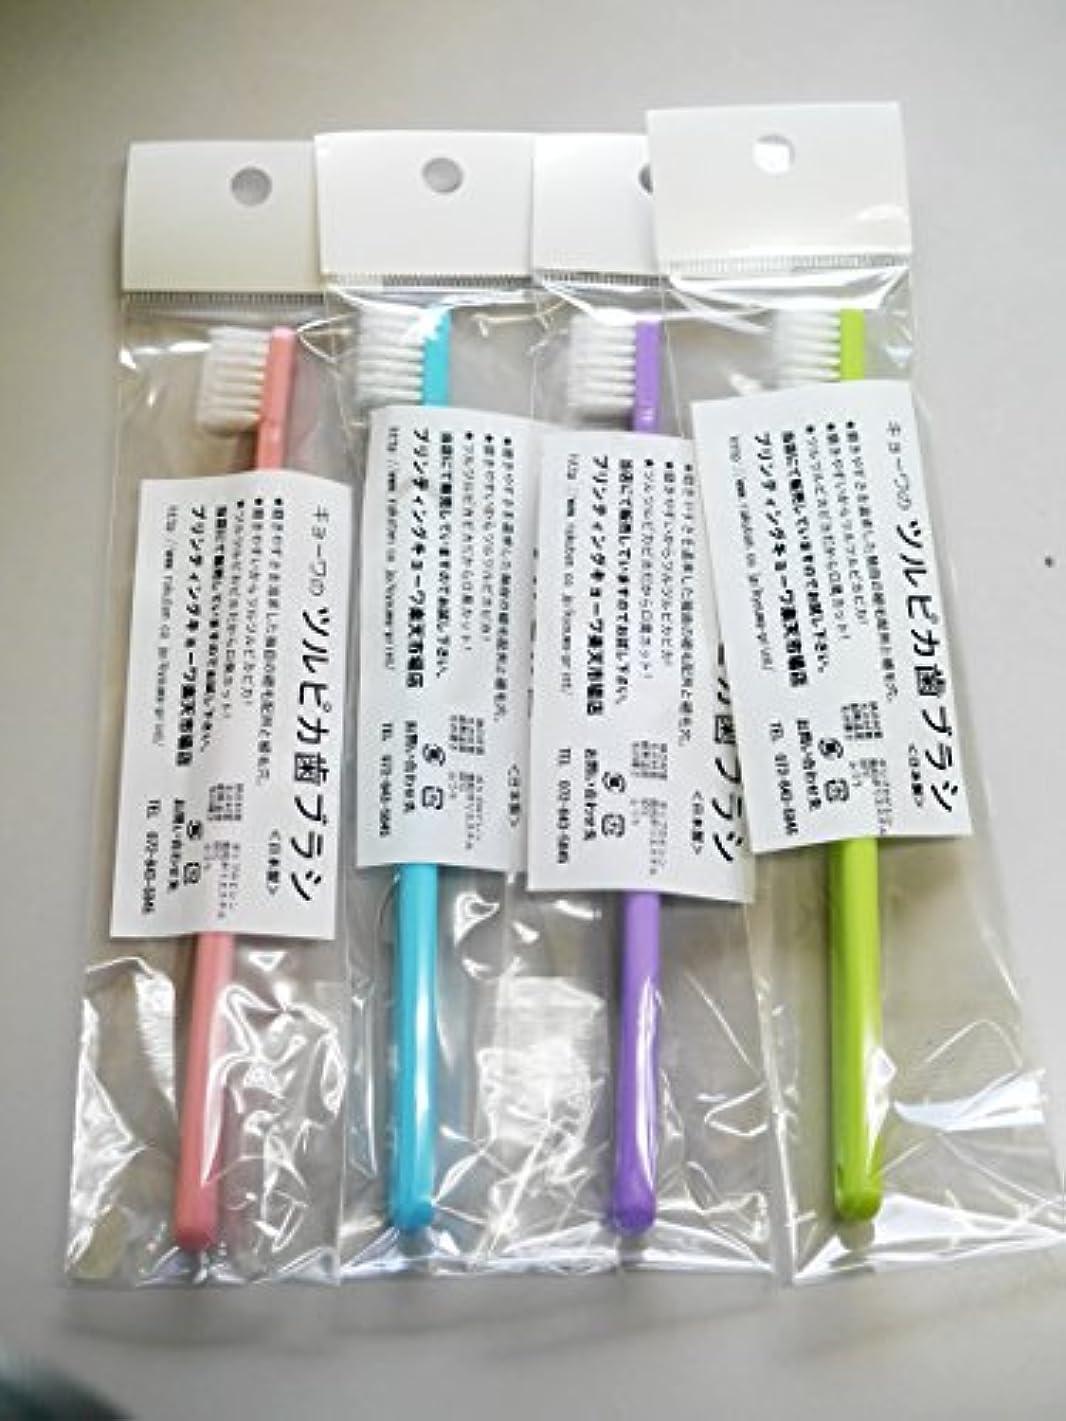 焦がす虚栄心コントローラ【株式会社キョーワ】 日本製 キョーワのツルピカ歯ブラシ4本セット (4色×1本)